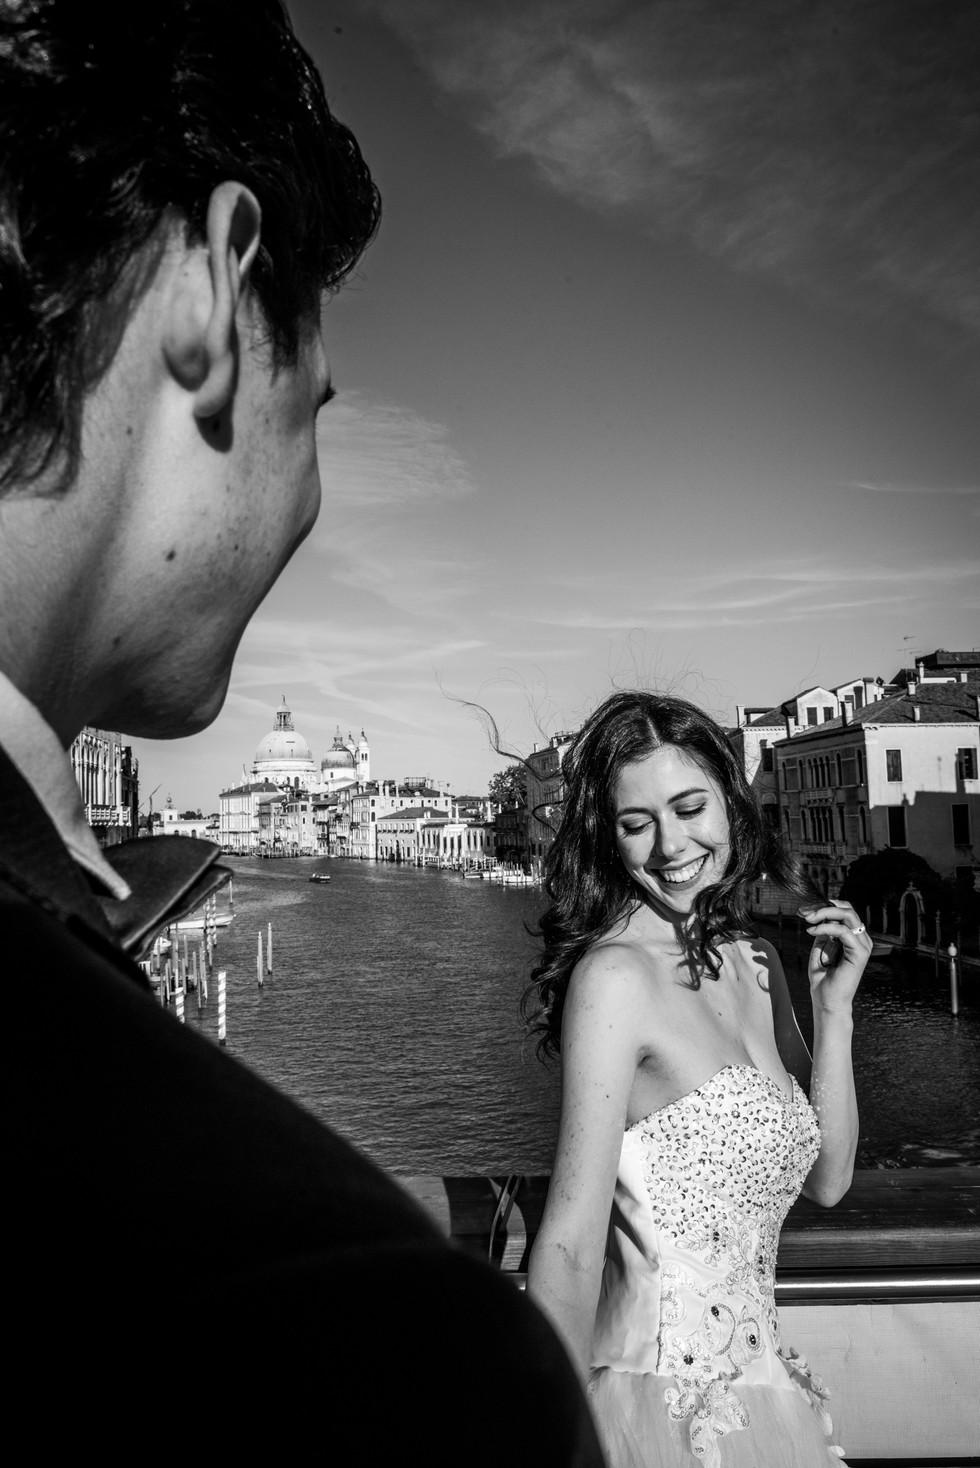 venezia-35.jpg